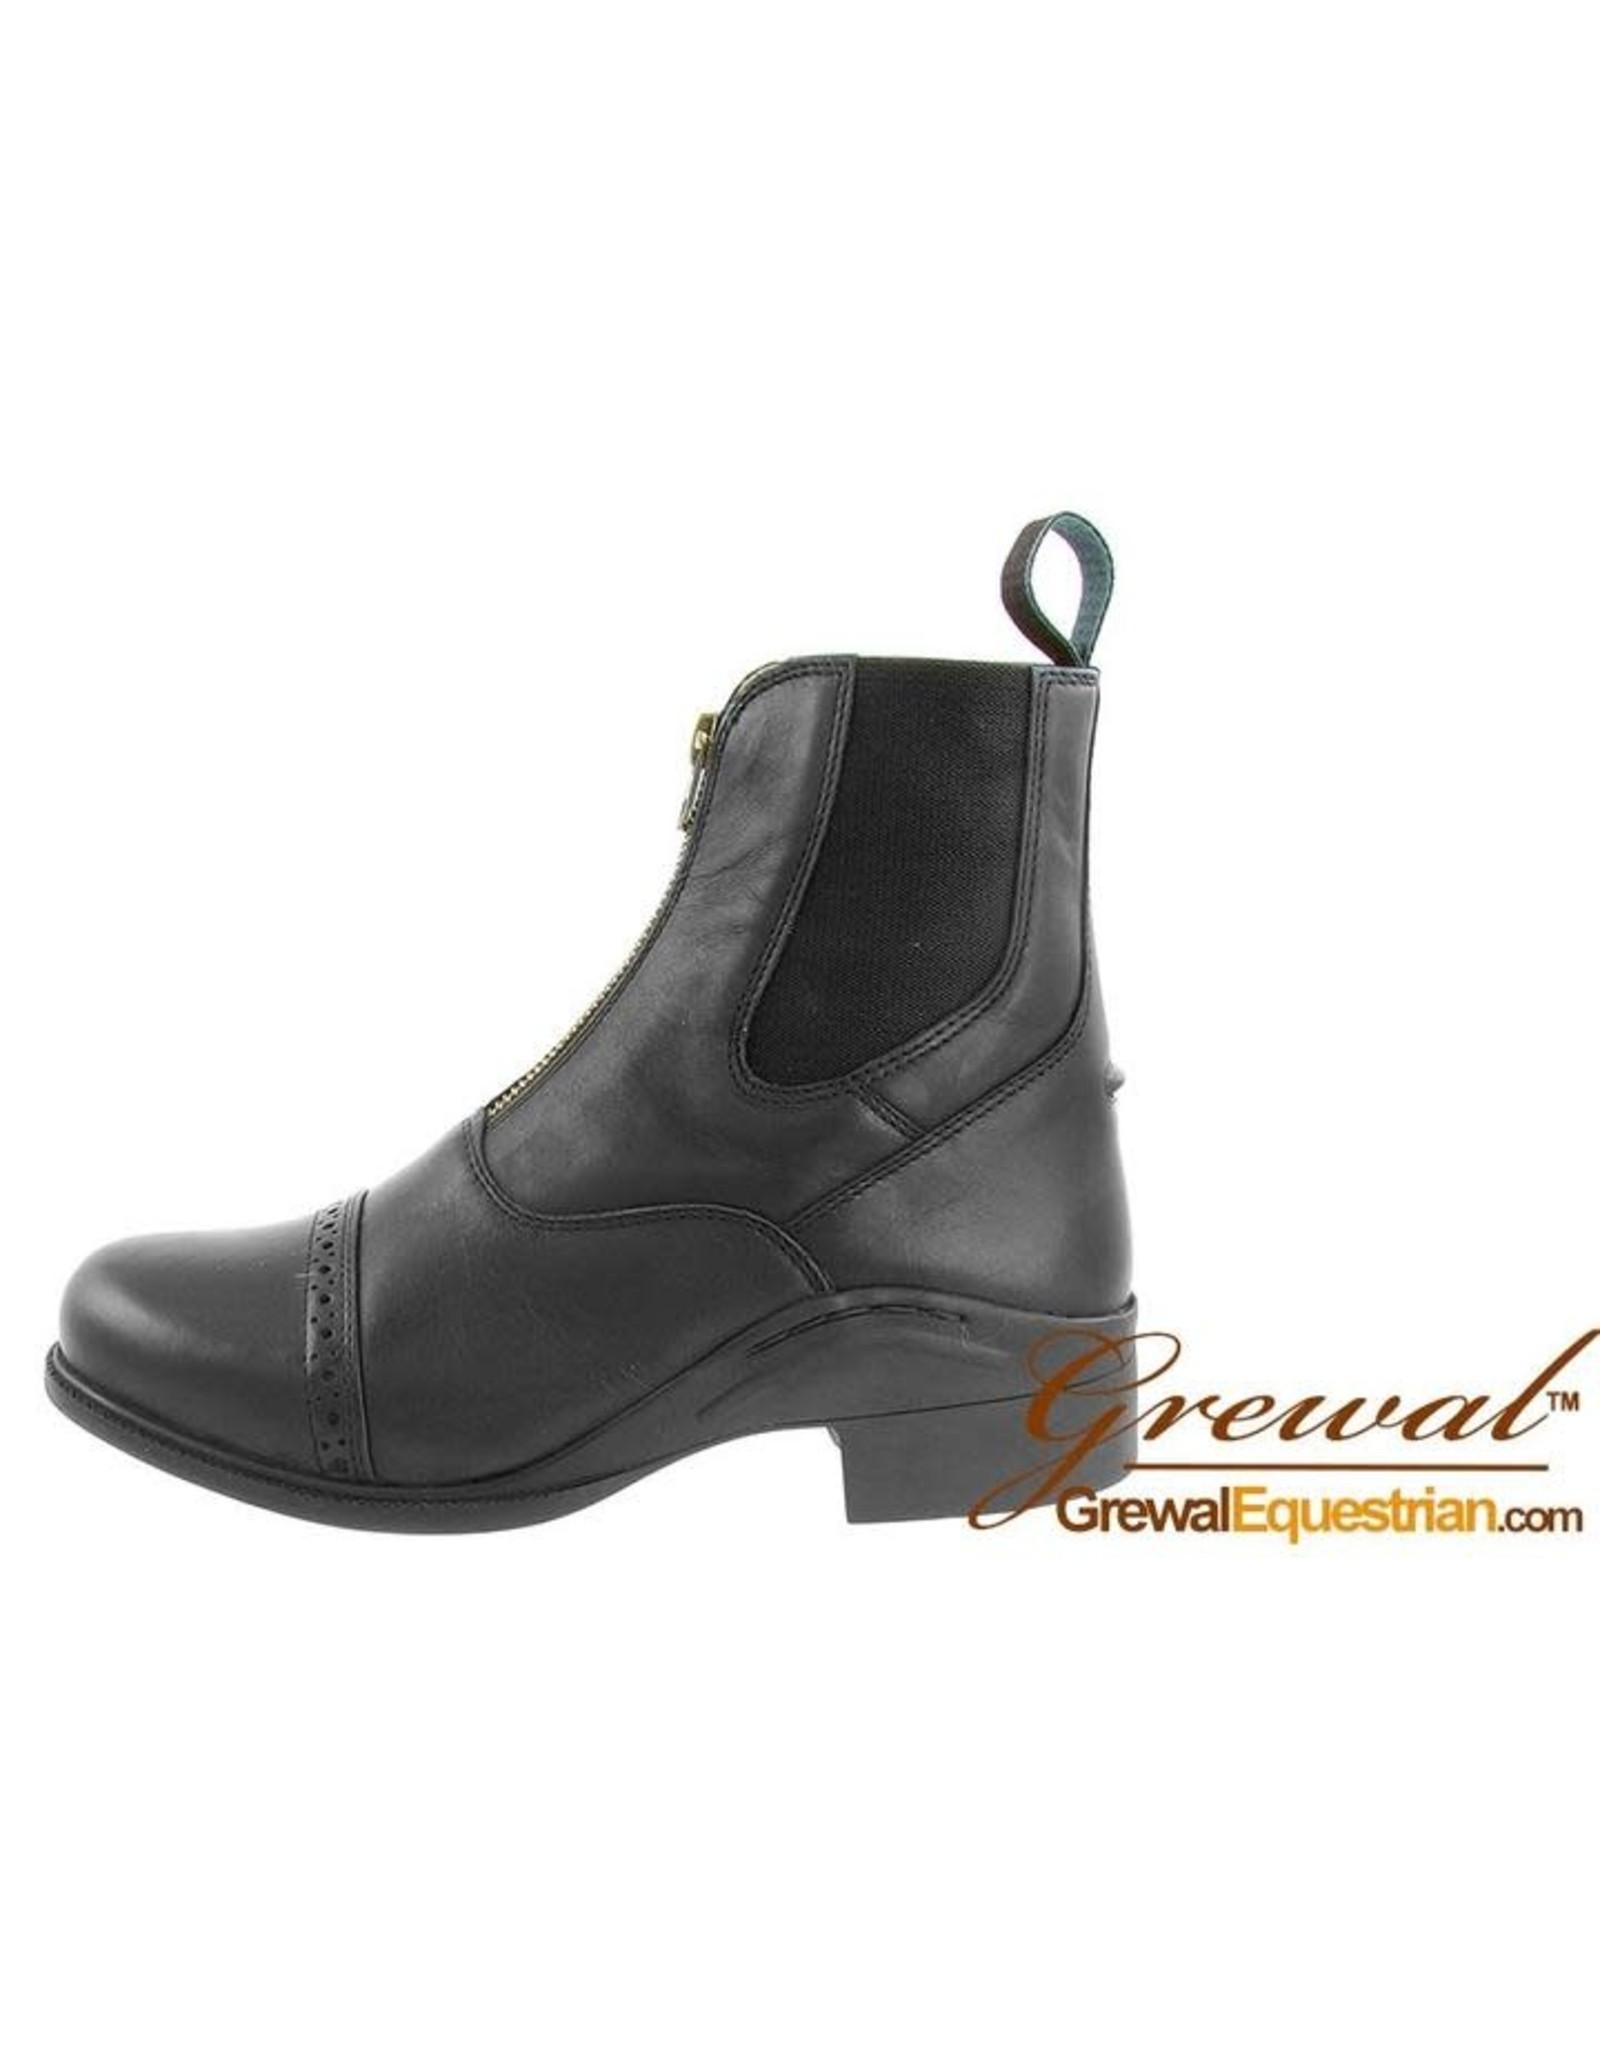 Grewal Paddock Zip-Up Leather